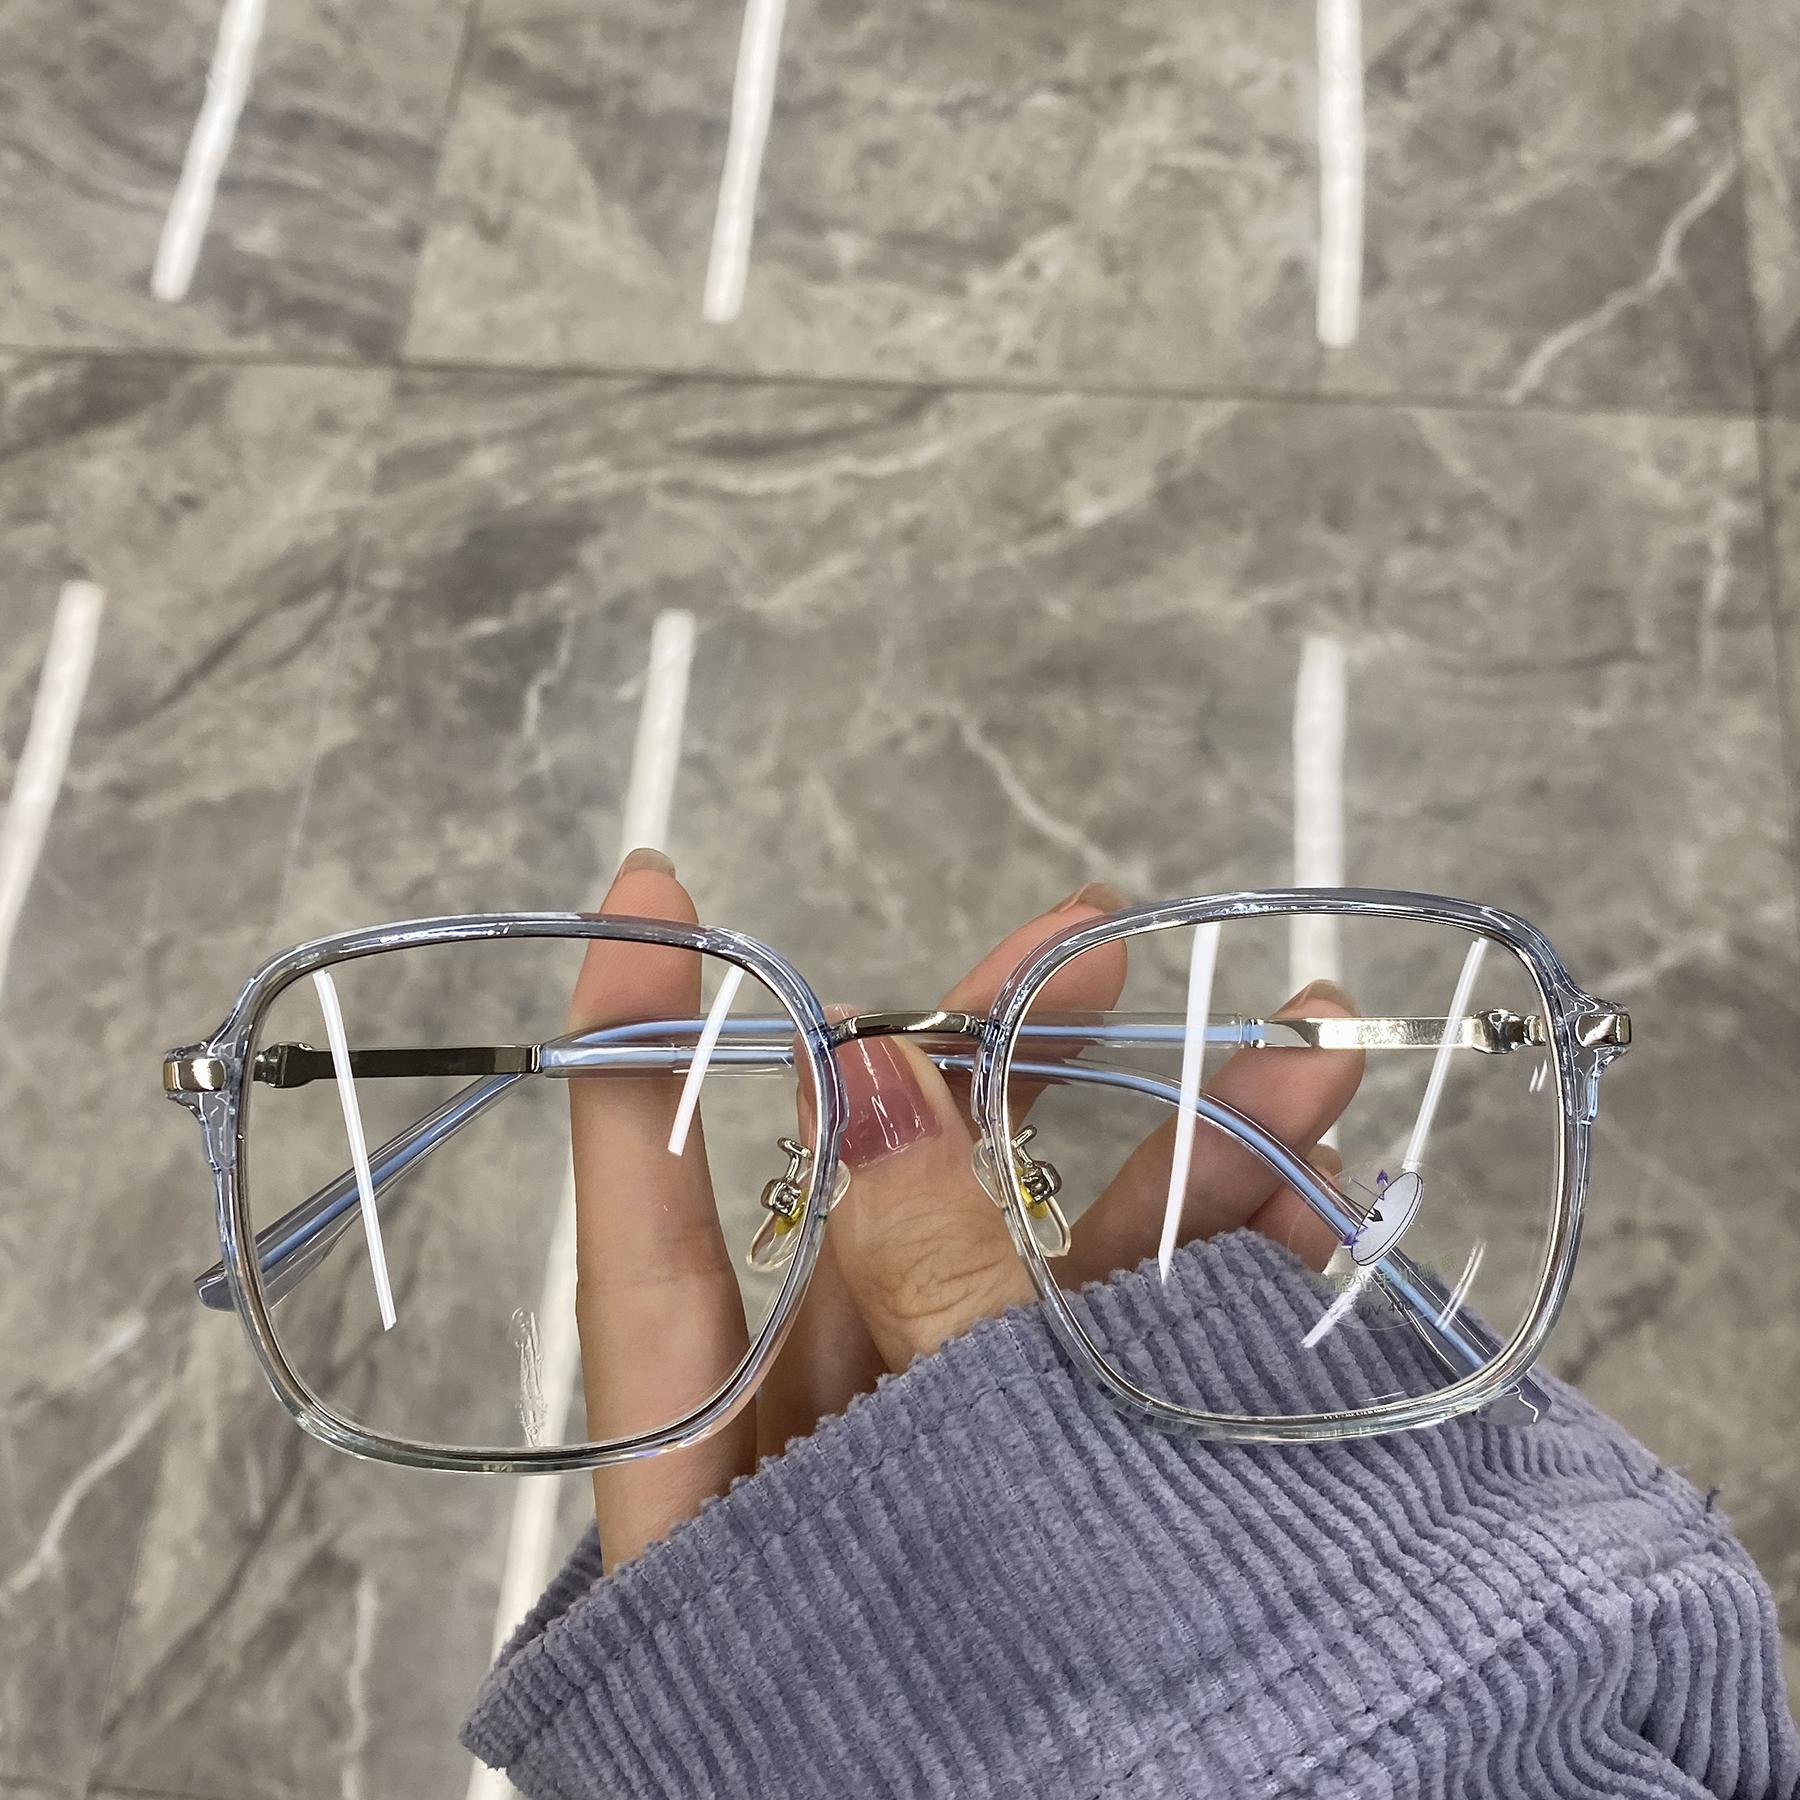 网红素颜眼镜女圆脸韩版个性时尚方框平光镜防蓝光防辐射透明框潮